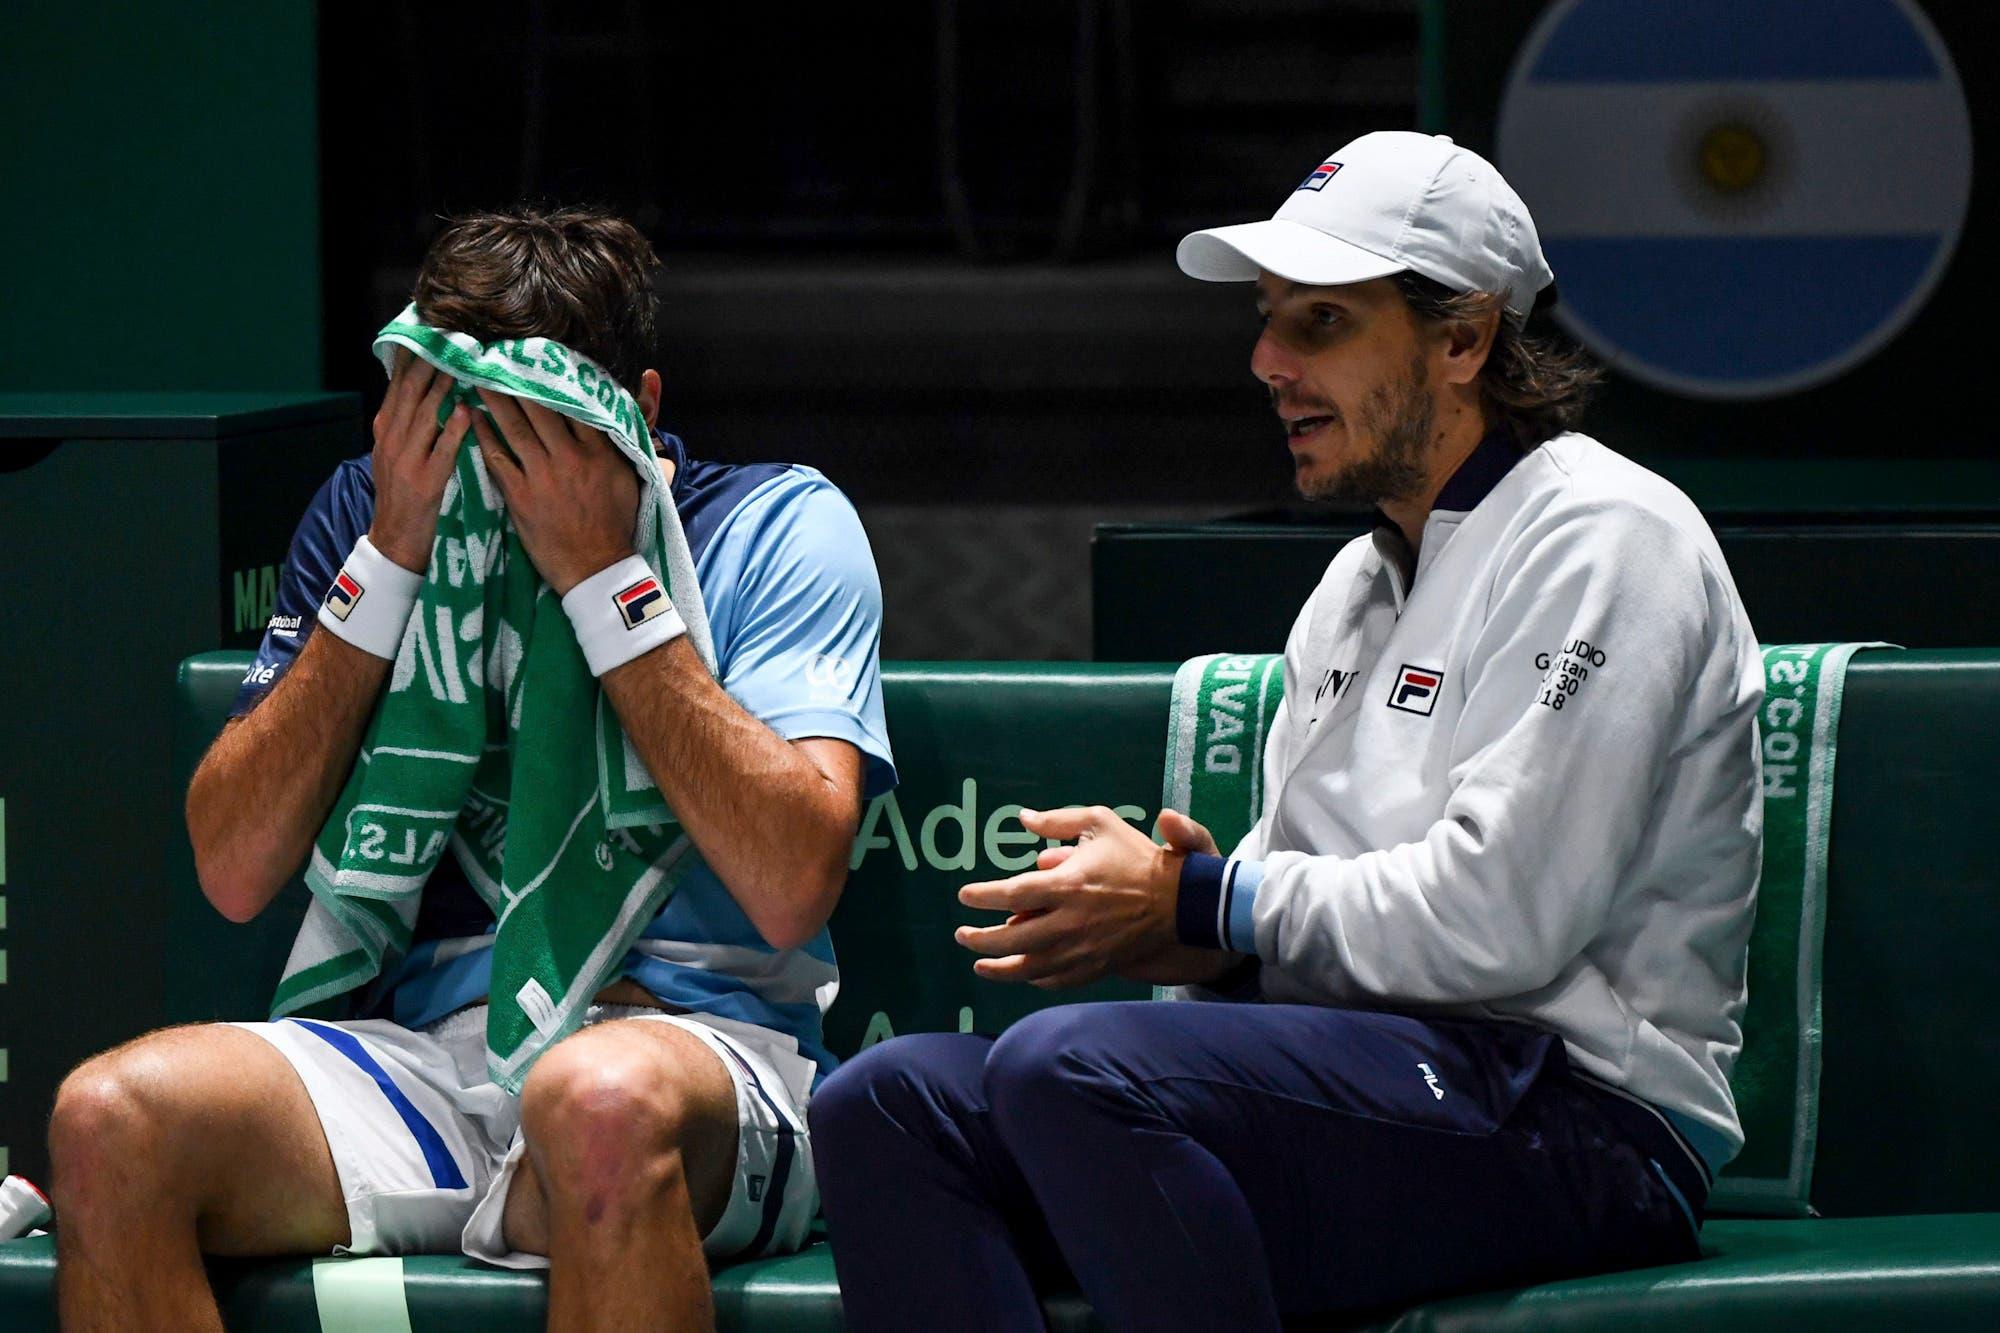 Argentina-Alemania, Copa Davis: Pella cayó en el primer partido ante Kohlschreiber y juega Schwatzman